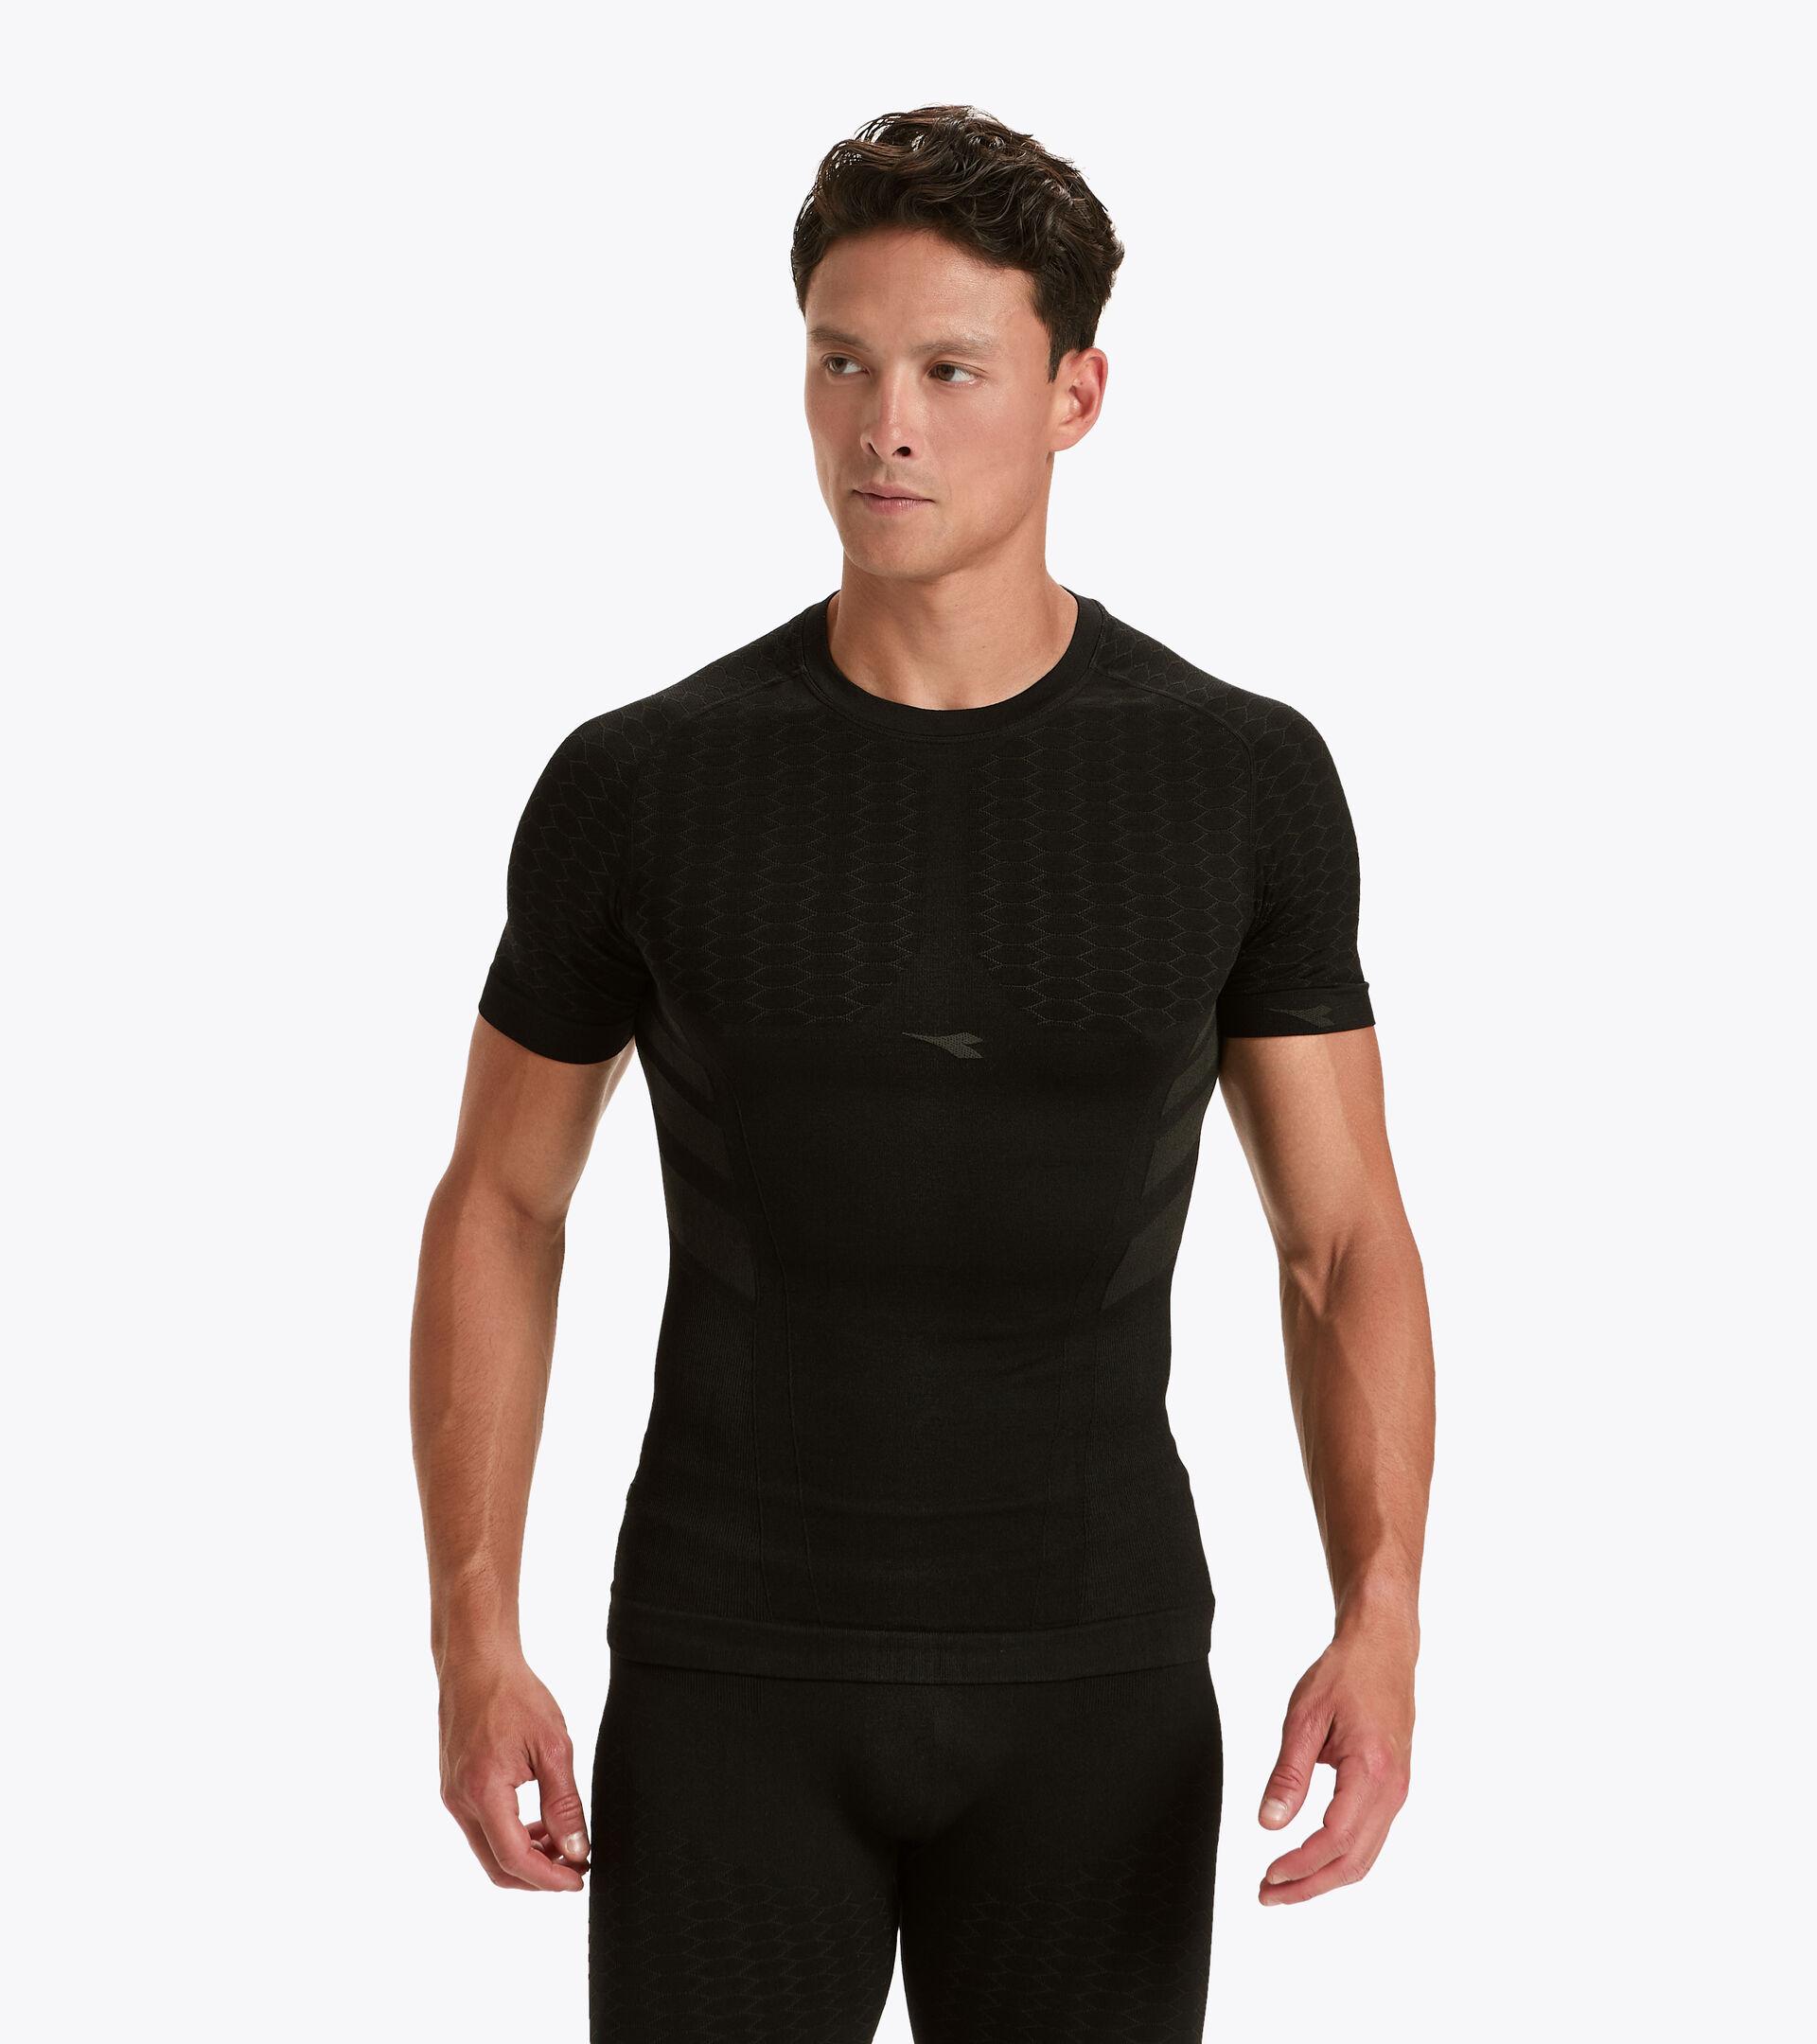 Camiseta de entrenamiento de manga corta - Hombre SS T-SHIRT ACT NEGRO - Diadora